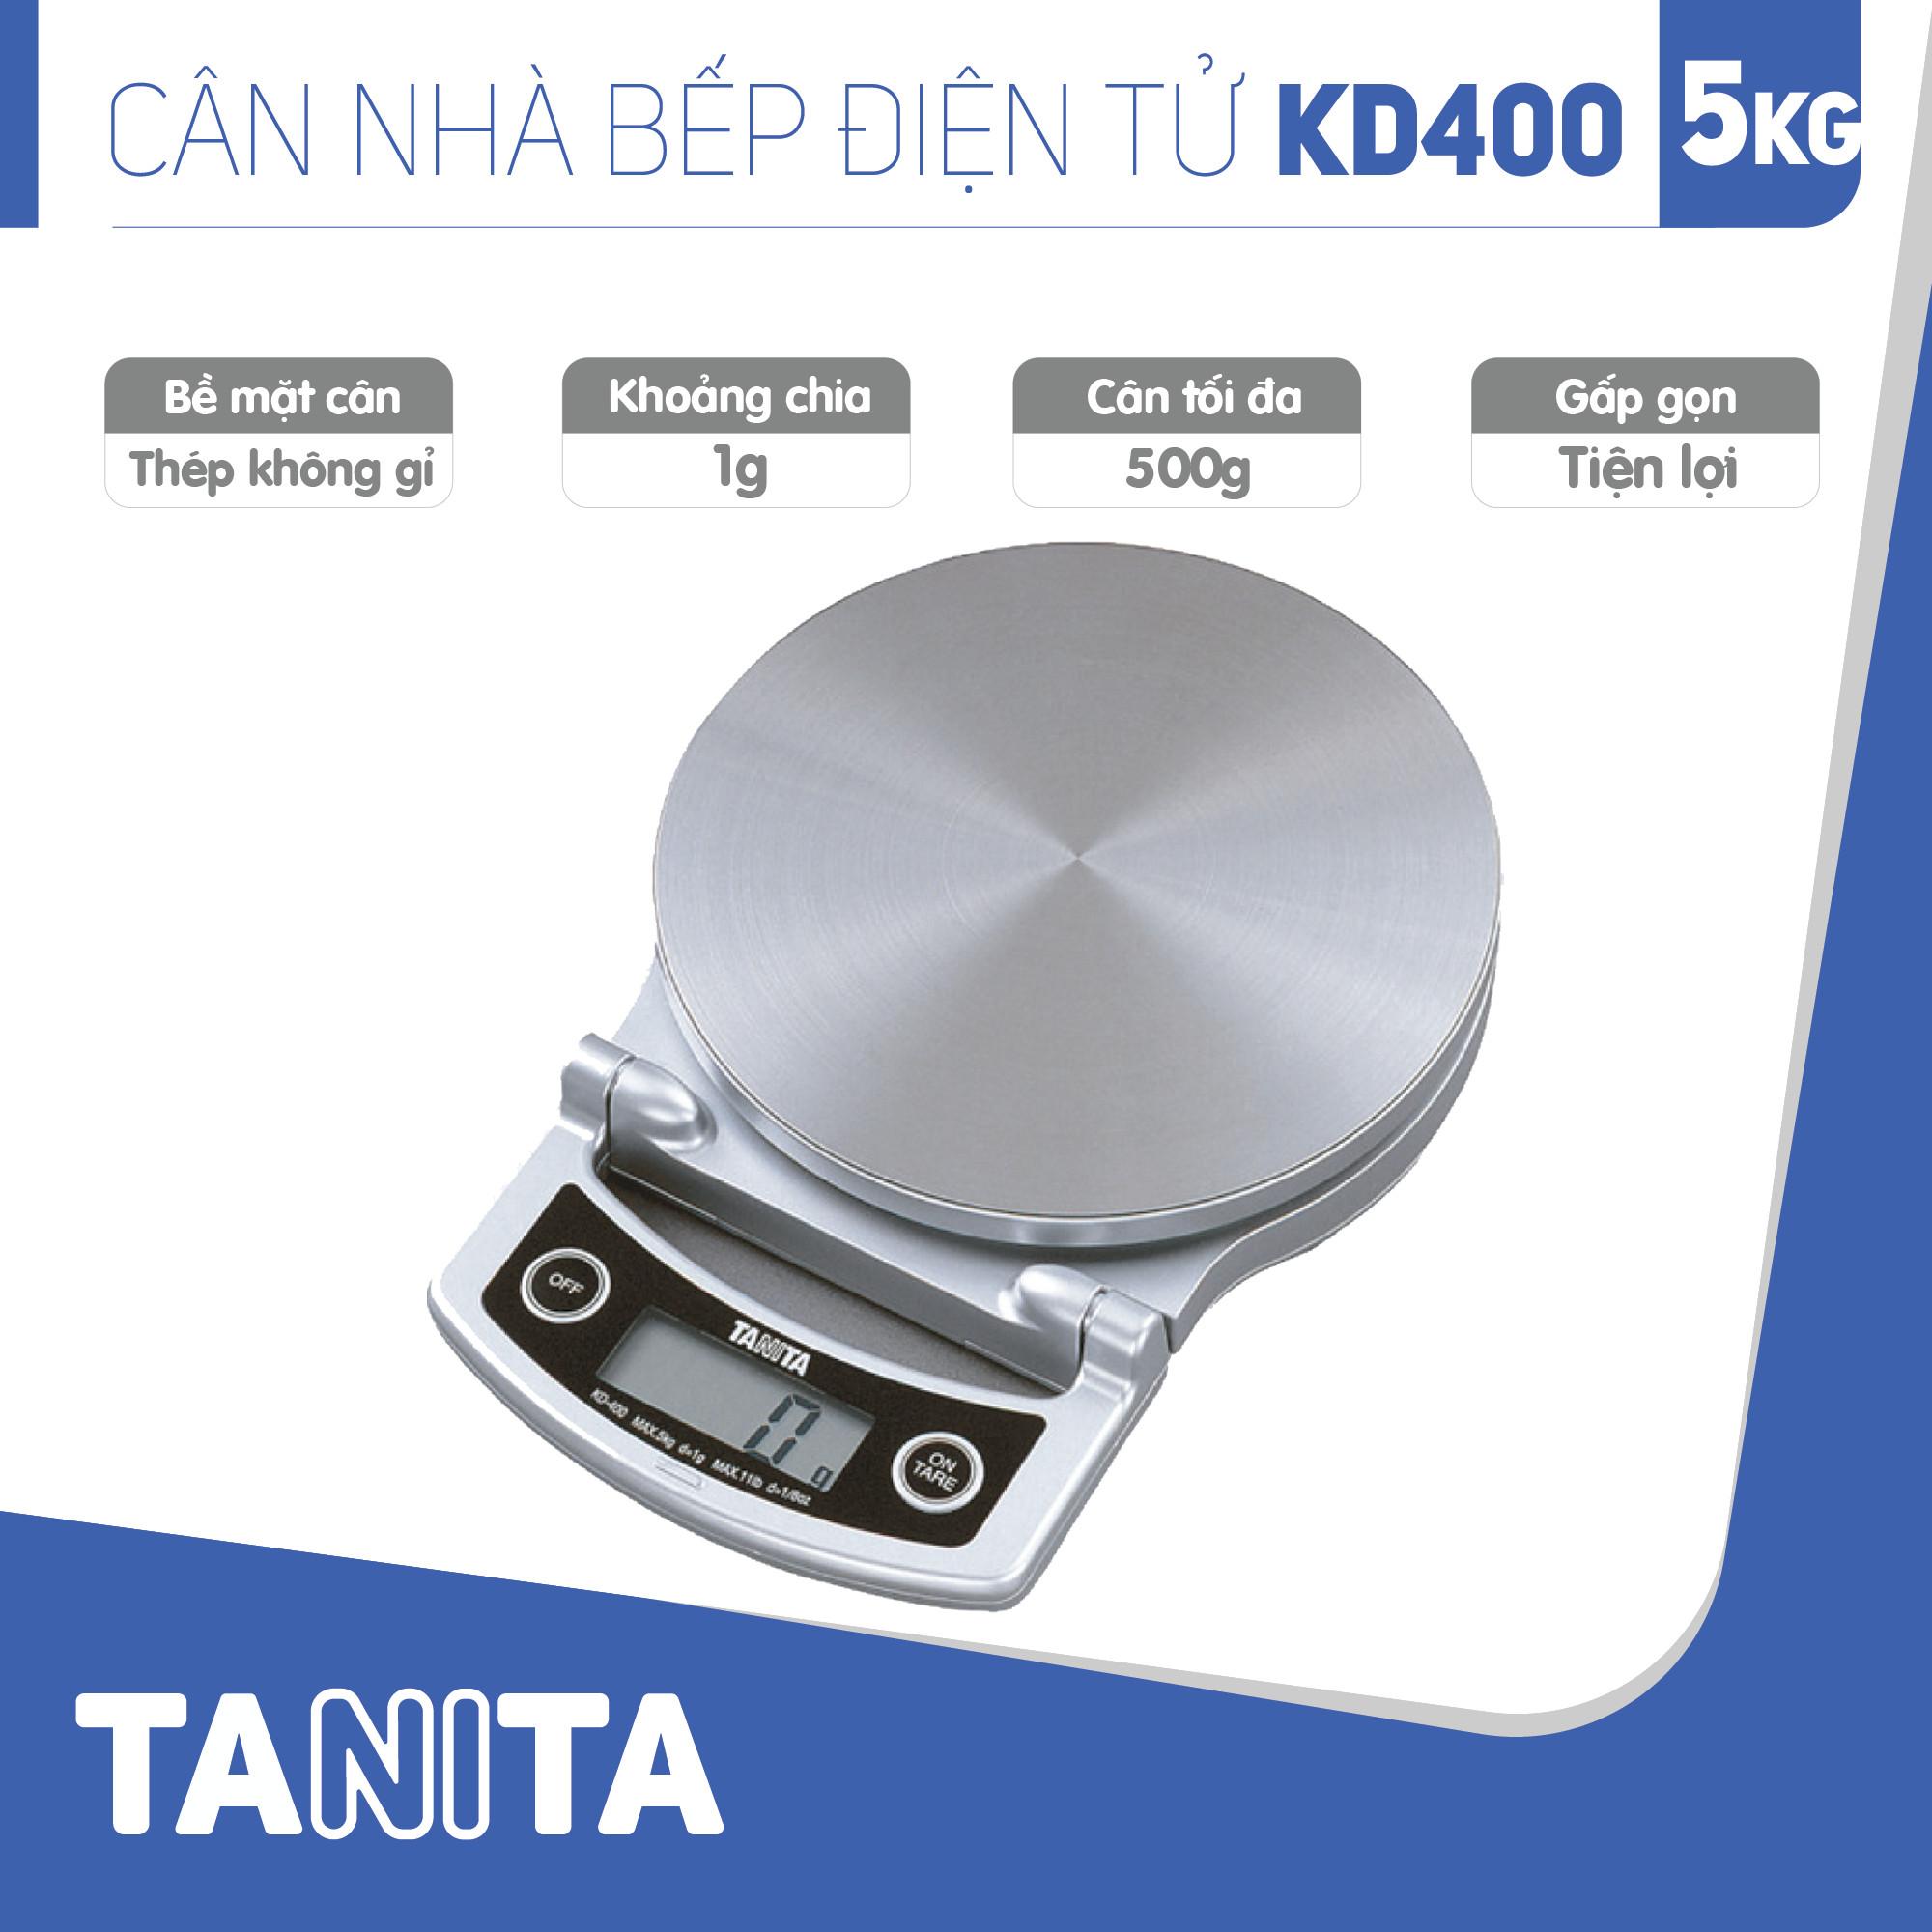 Cân điện tử nhà bếp TANITA KD400 (5kg) (Chính hãng Nhật Bản), Cân thực phẩm 5kg, Cân thức ăn 5kg, Cân nhà bếp 5kg, Cân Nhật, Cân trọng lượng, Cân chính hãng, Cân thực phẩm, Cân thức ăn, Cân tiểu ly điện tử, Cân chính xác, Cân làm bánh